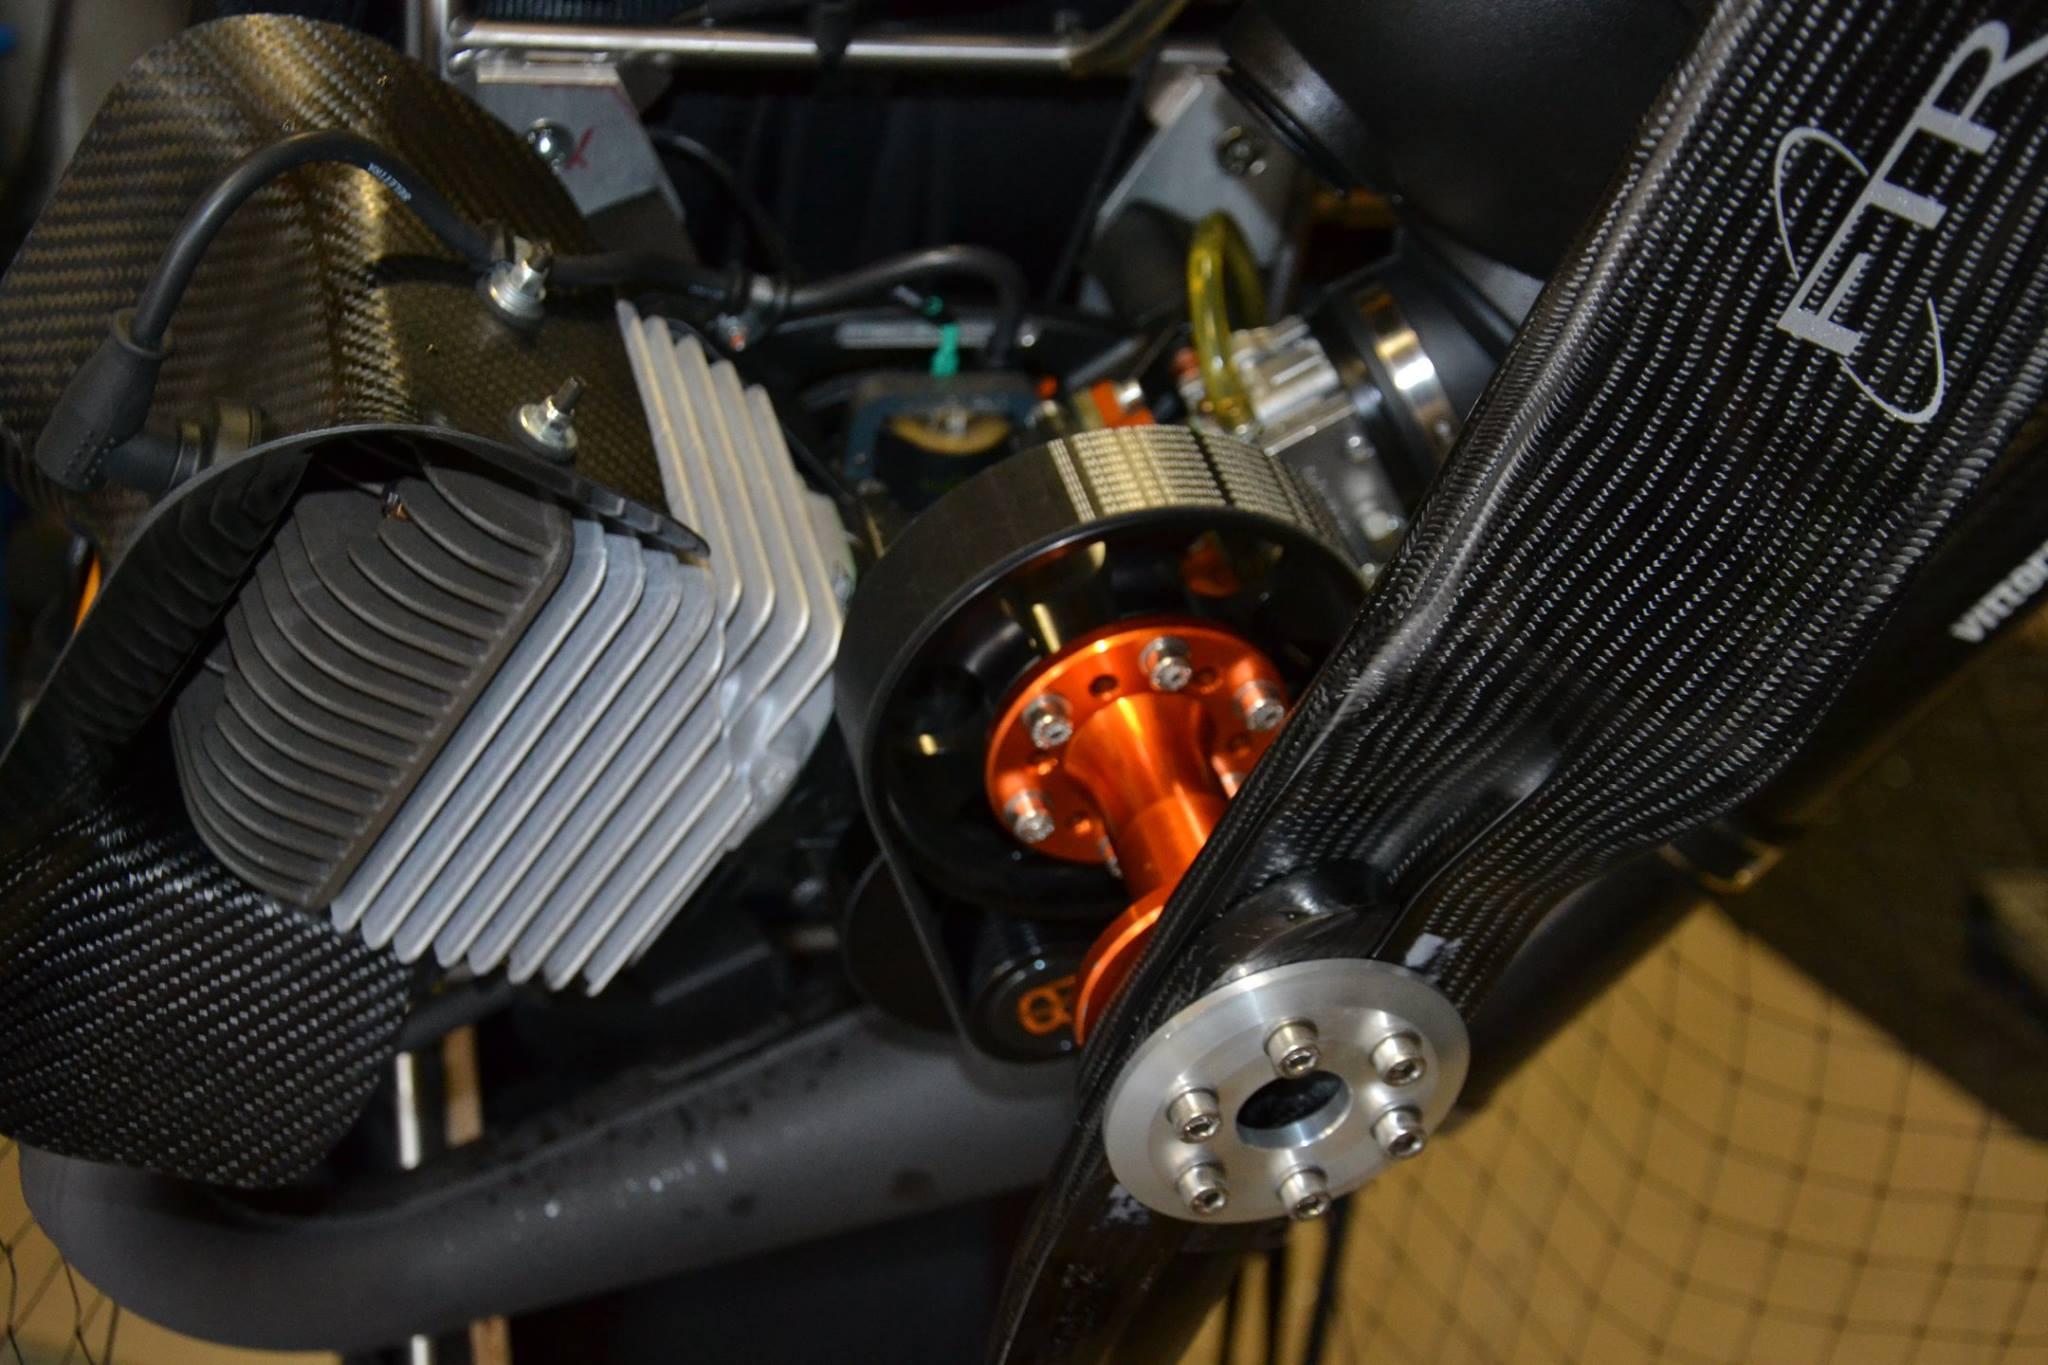 Vittorazi Moster 185 PLUS - mit Spezial Getriebeuntersetzung und E Starter + Carbonhaube